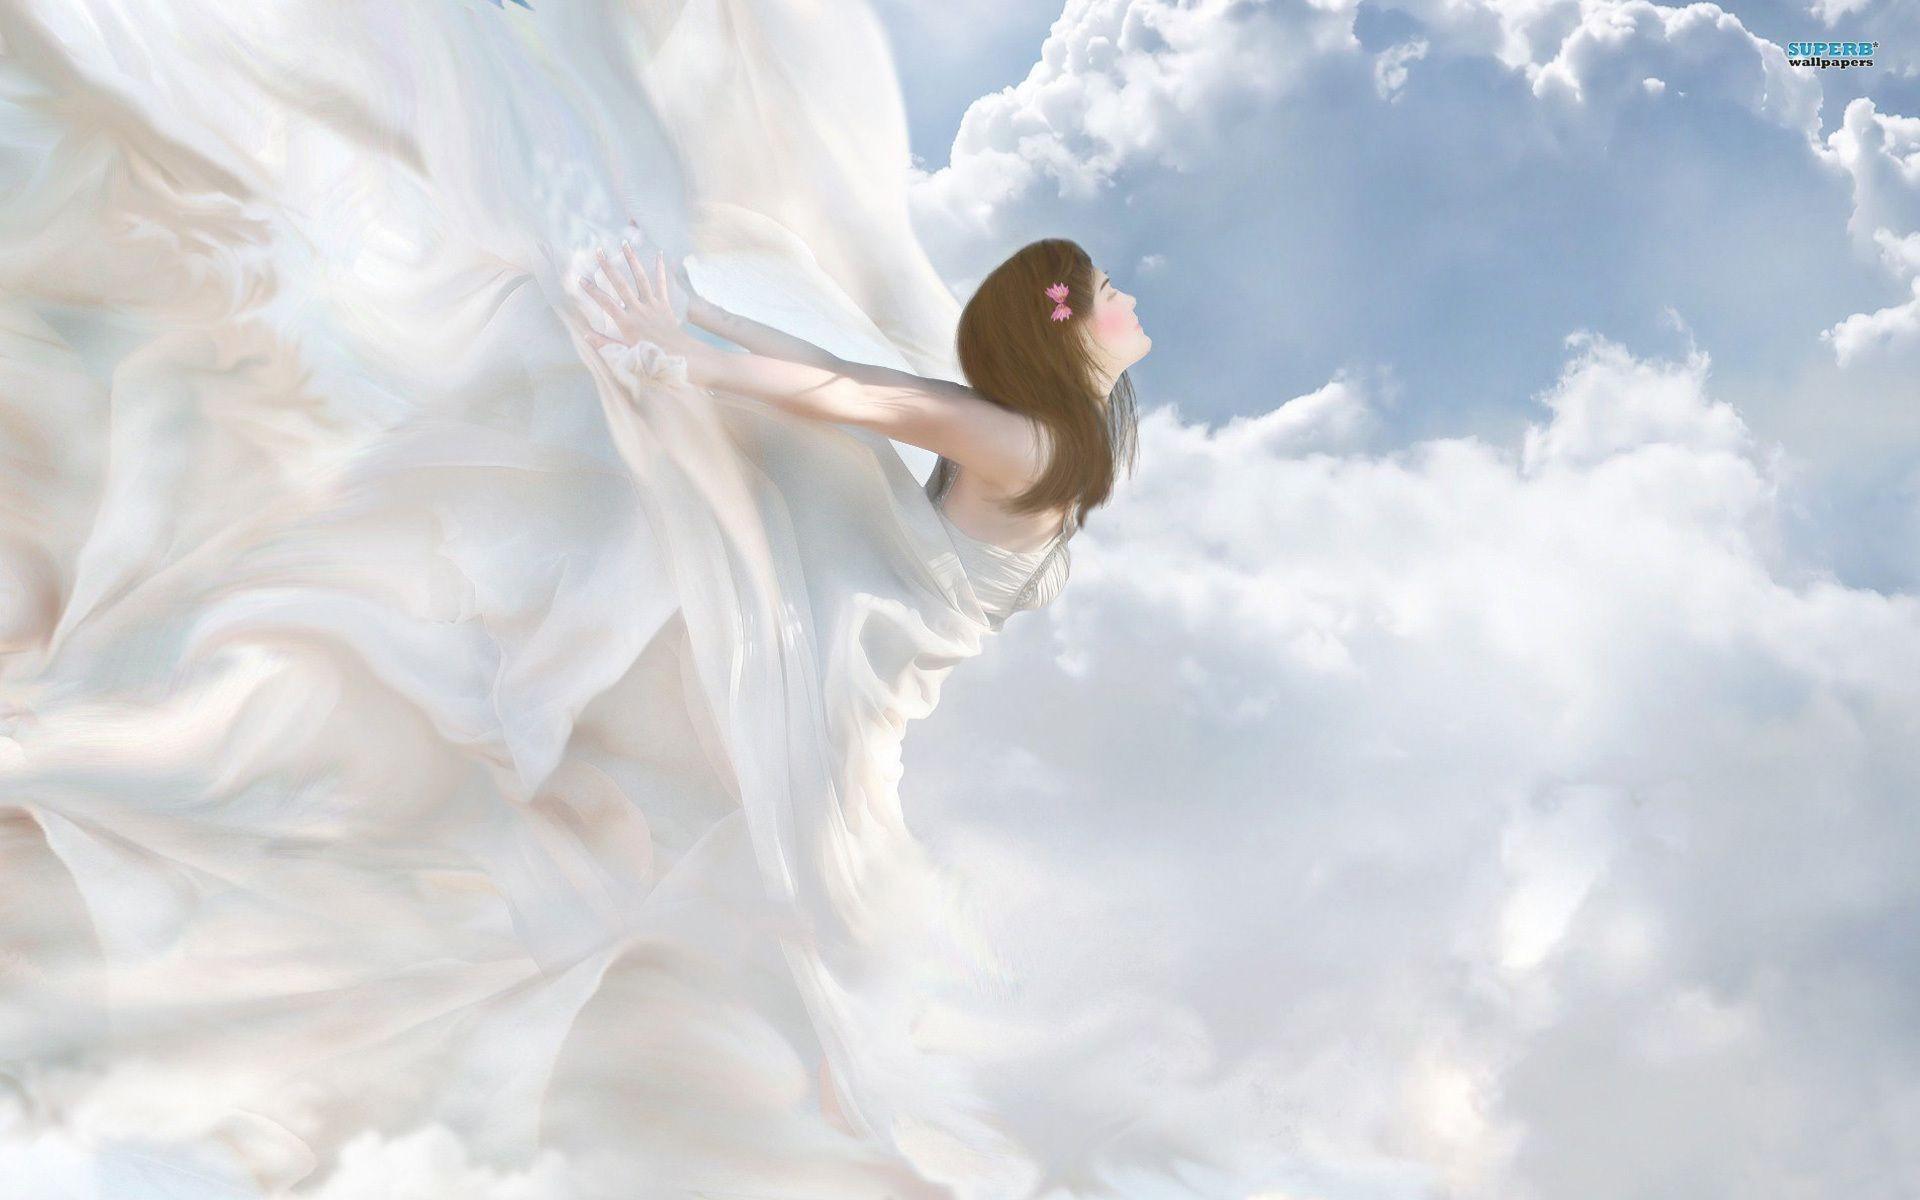 Hình ảnh thiên thần dịu dàng dễ thương